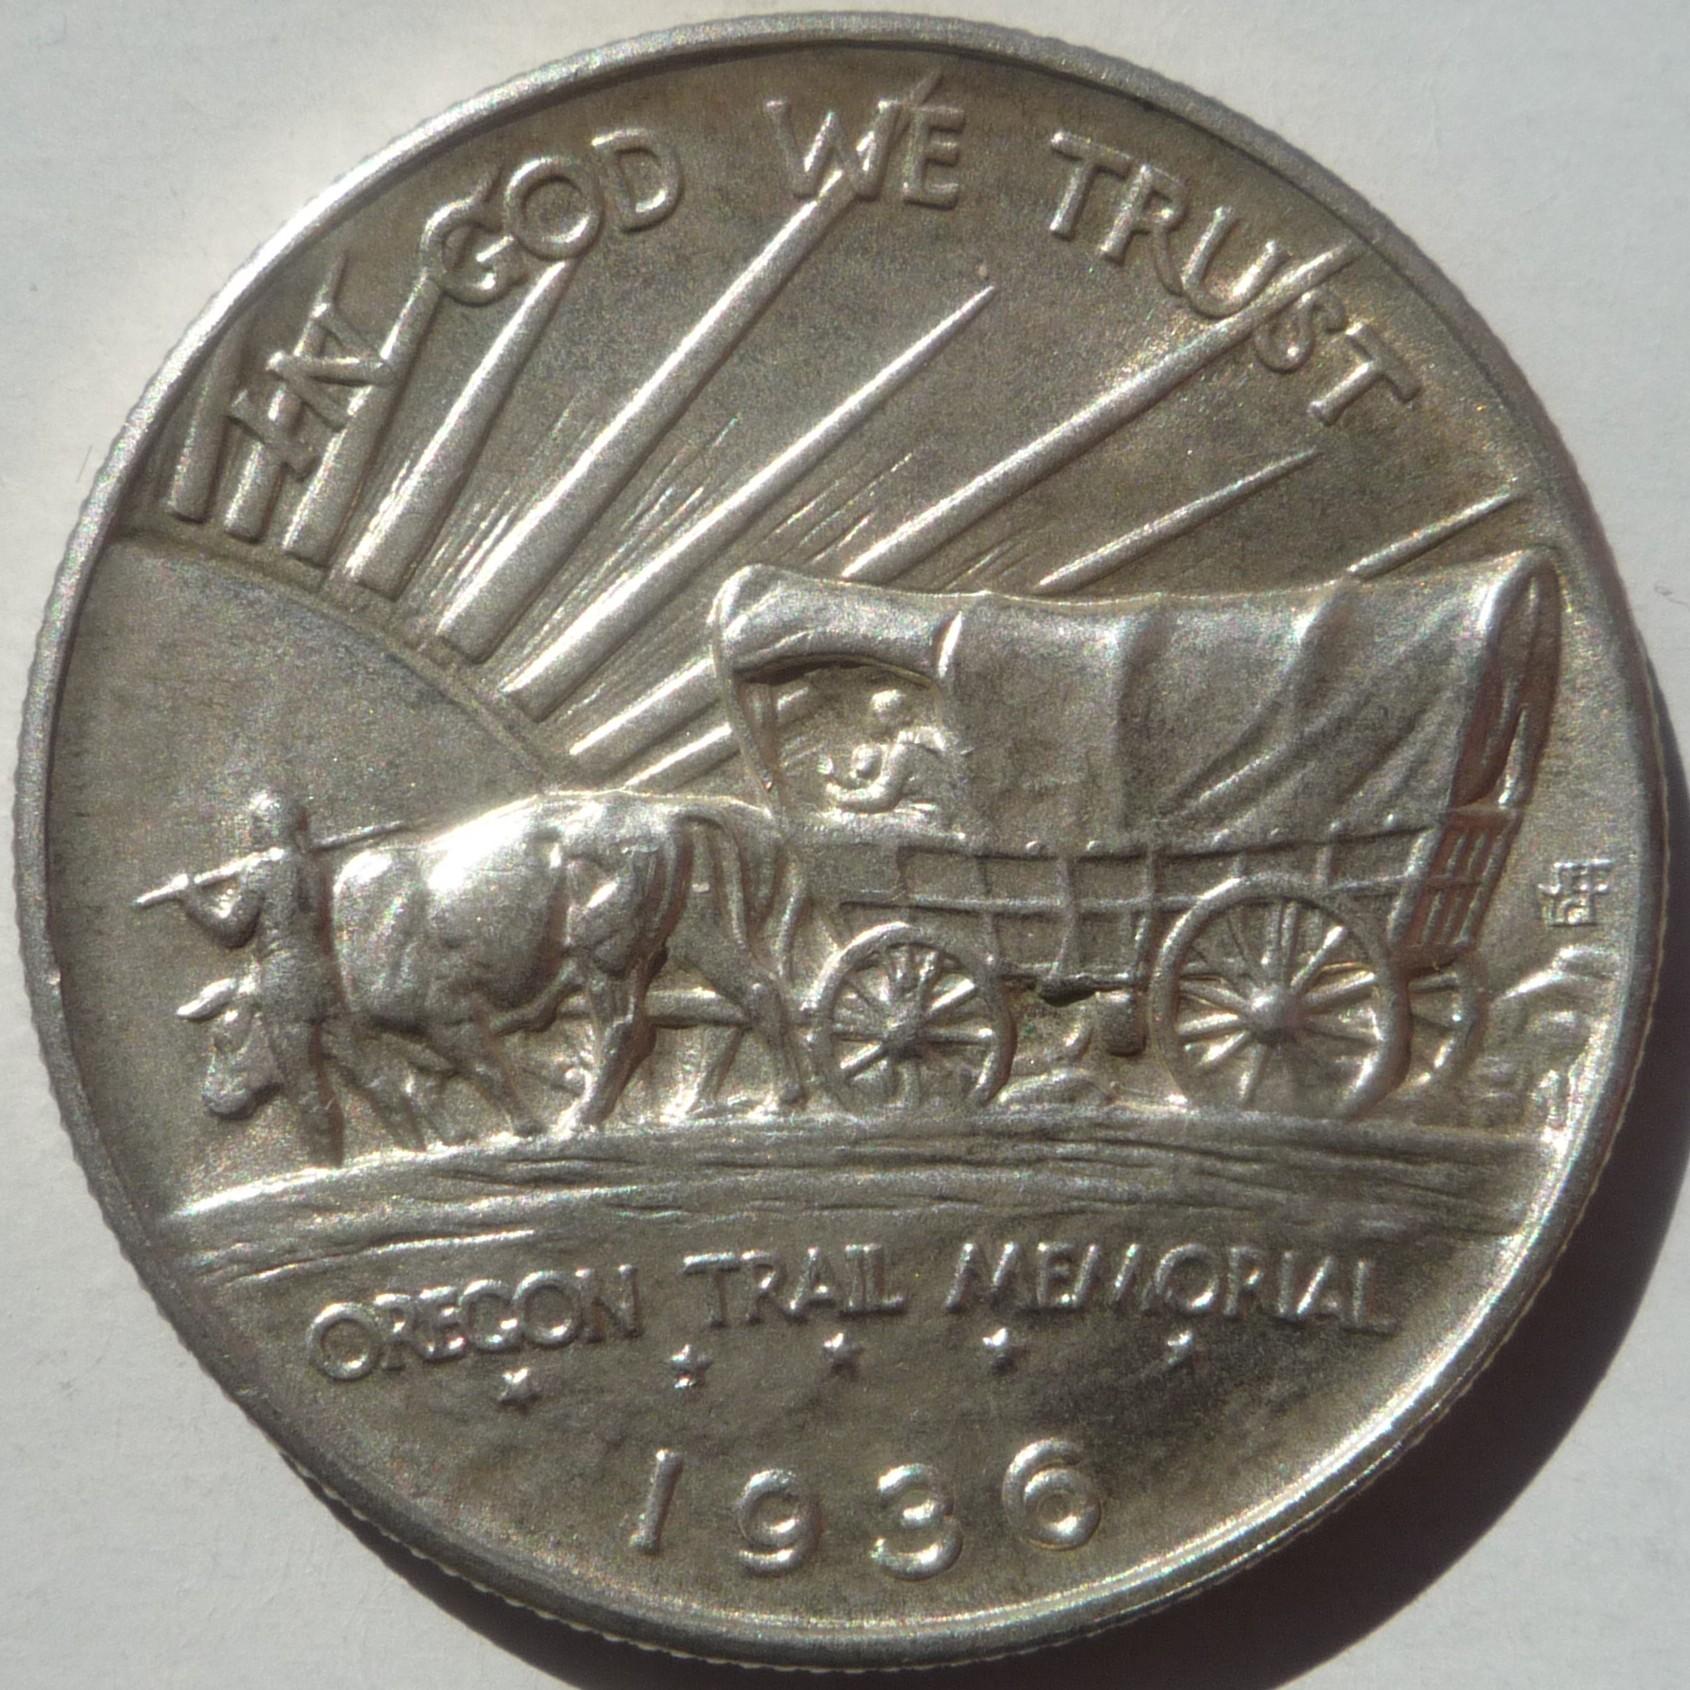 Oregon Trail 1936 001.JPG